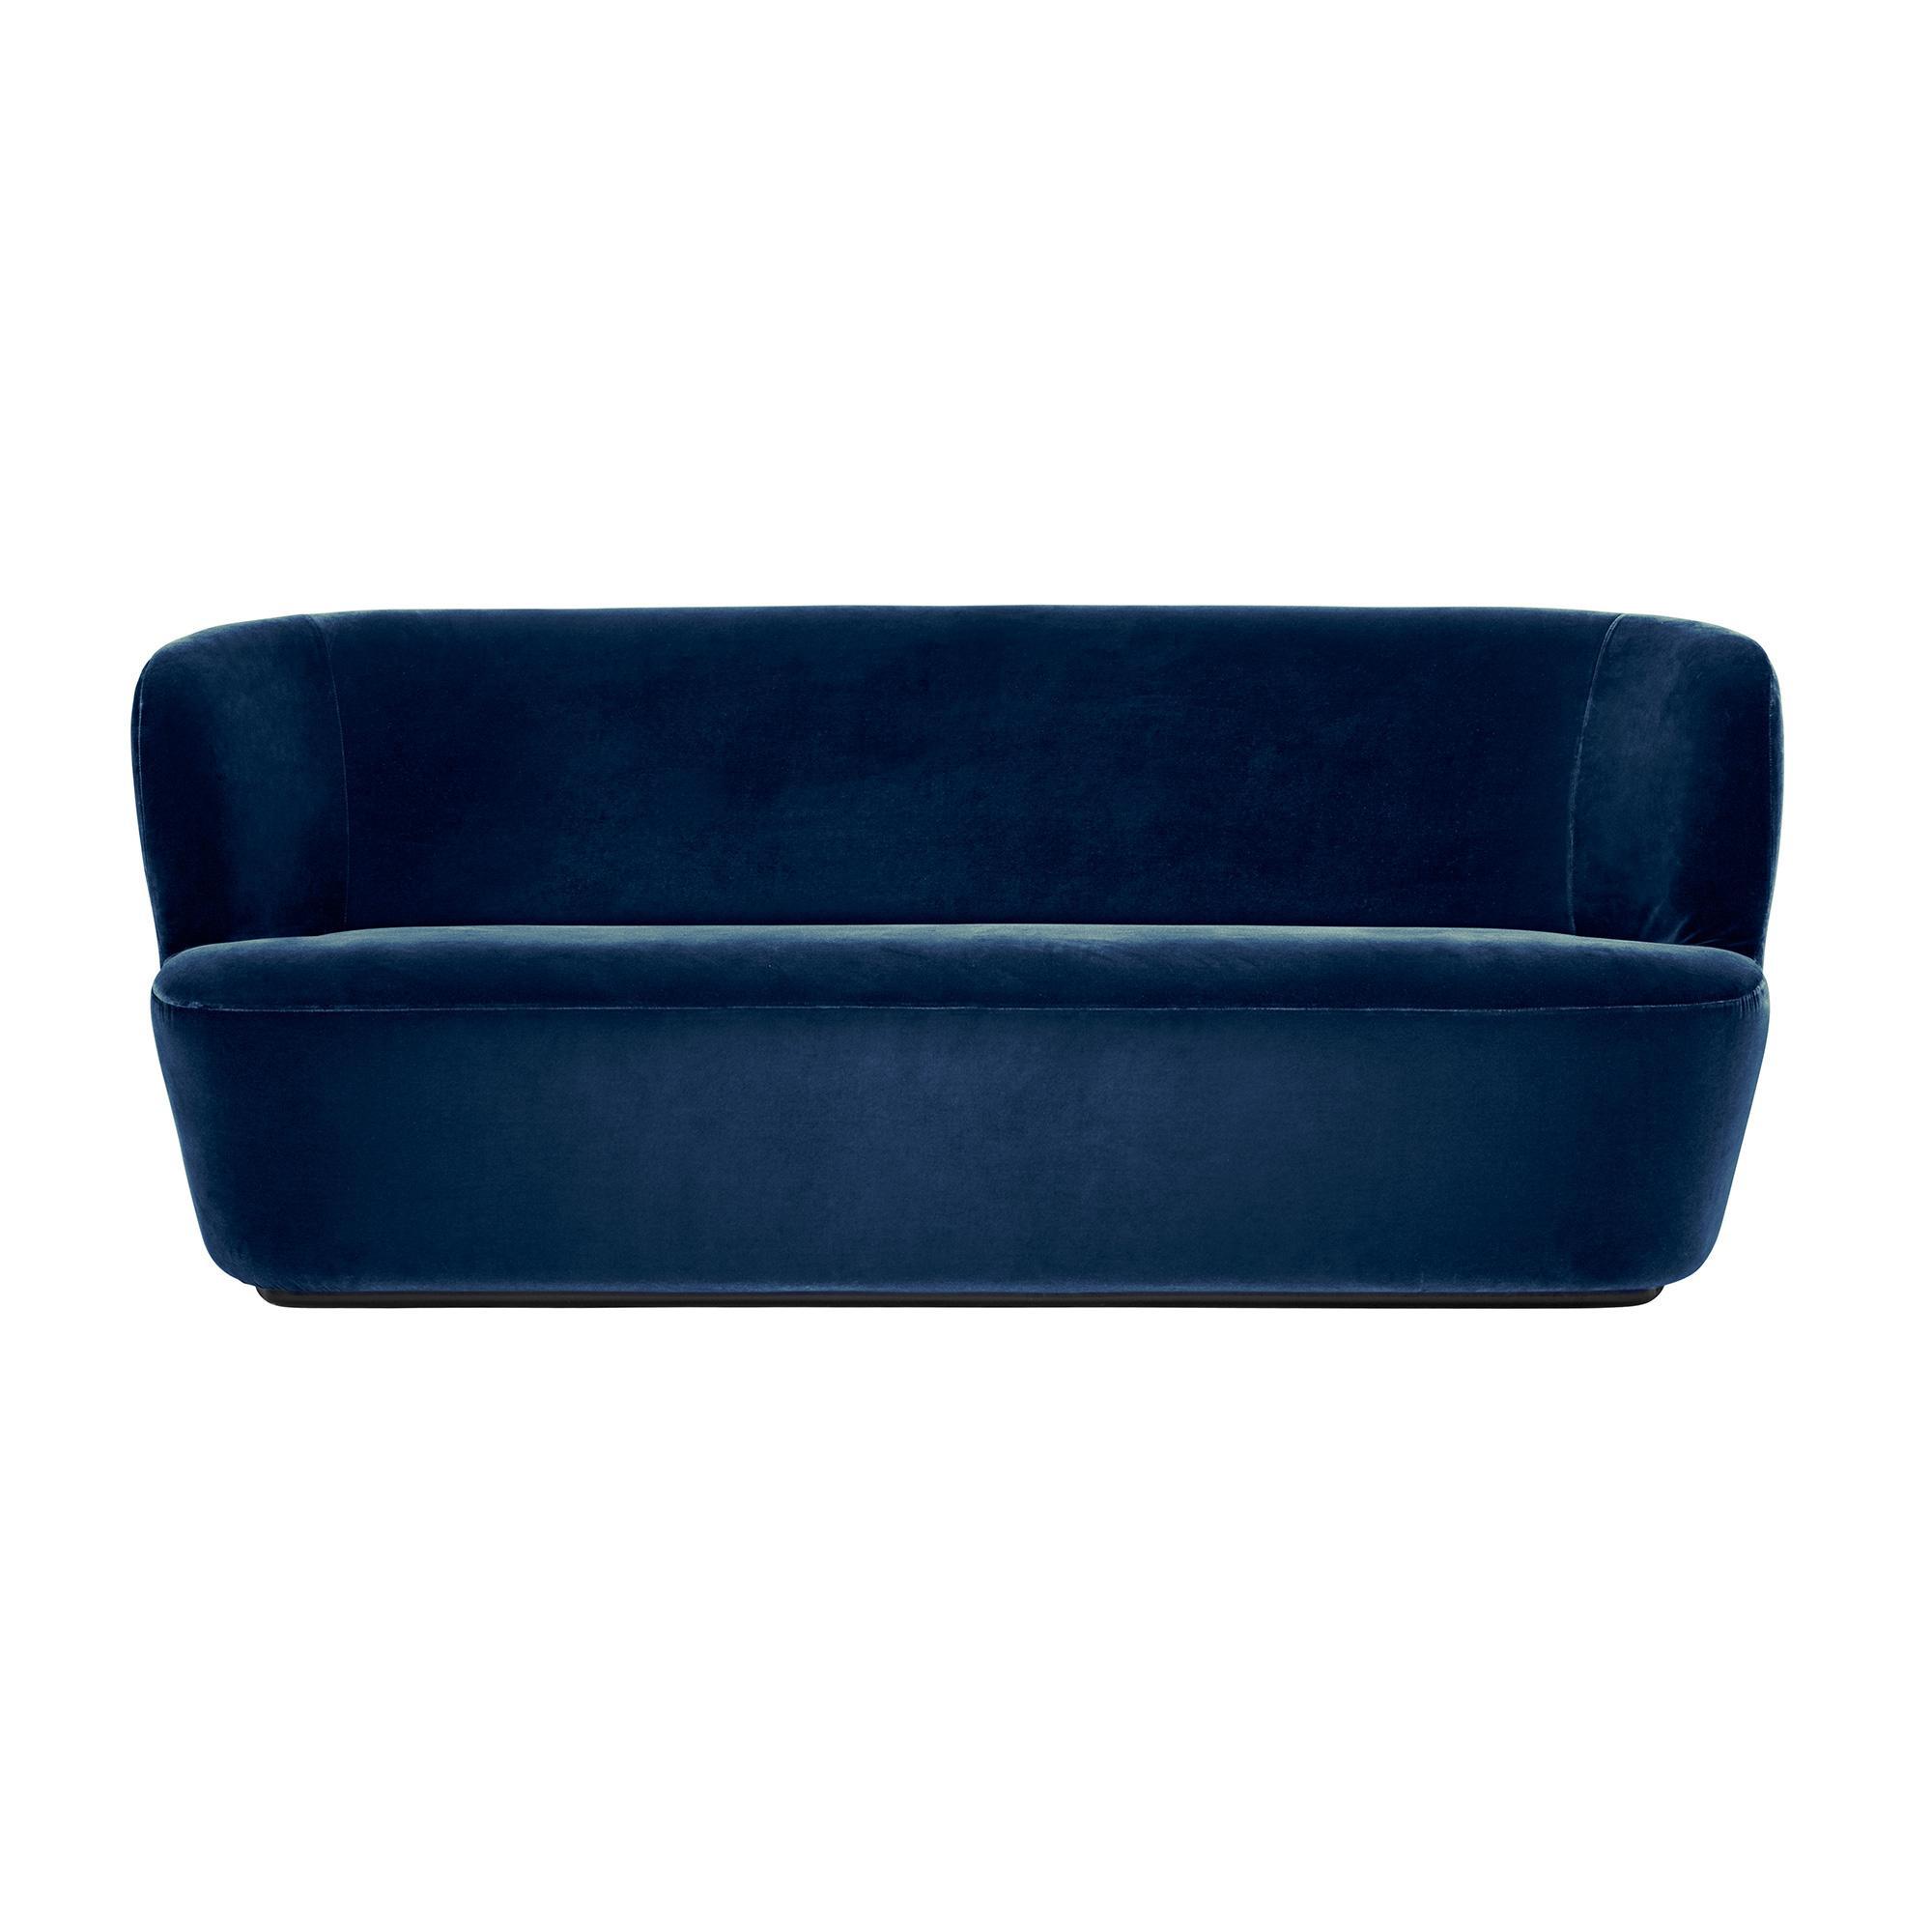 Gubi - Stay - Canapé 2 places - bleu/étoffe Velluto di Cotone 420/PxHxP 190x78x70cm